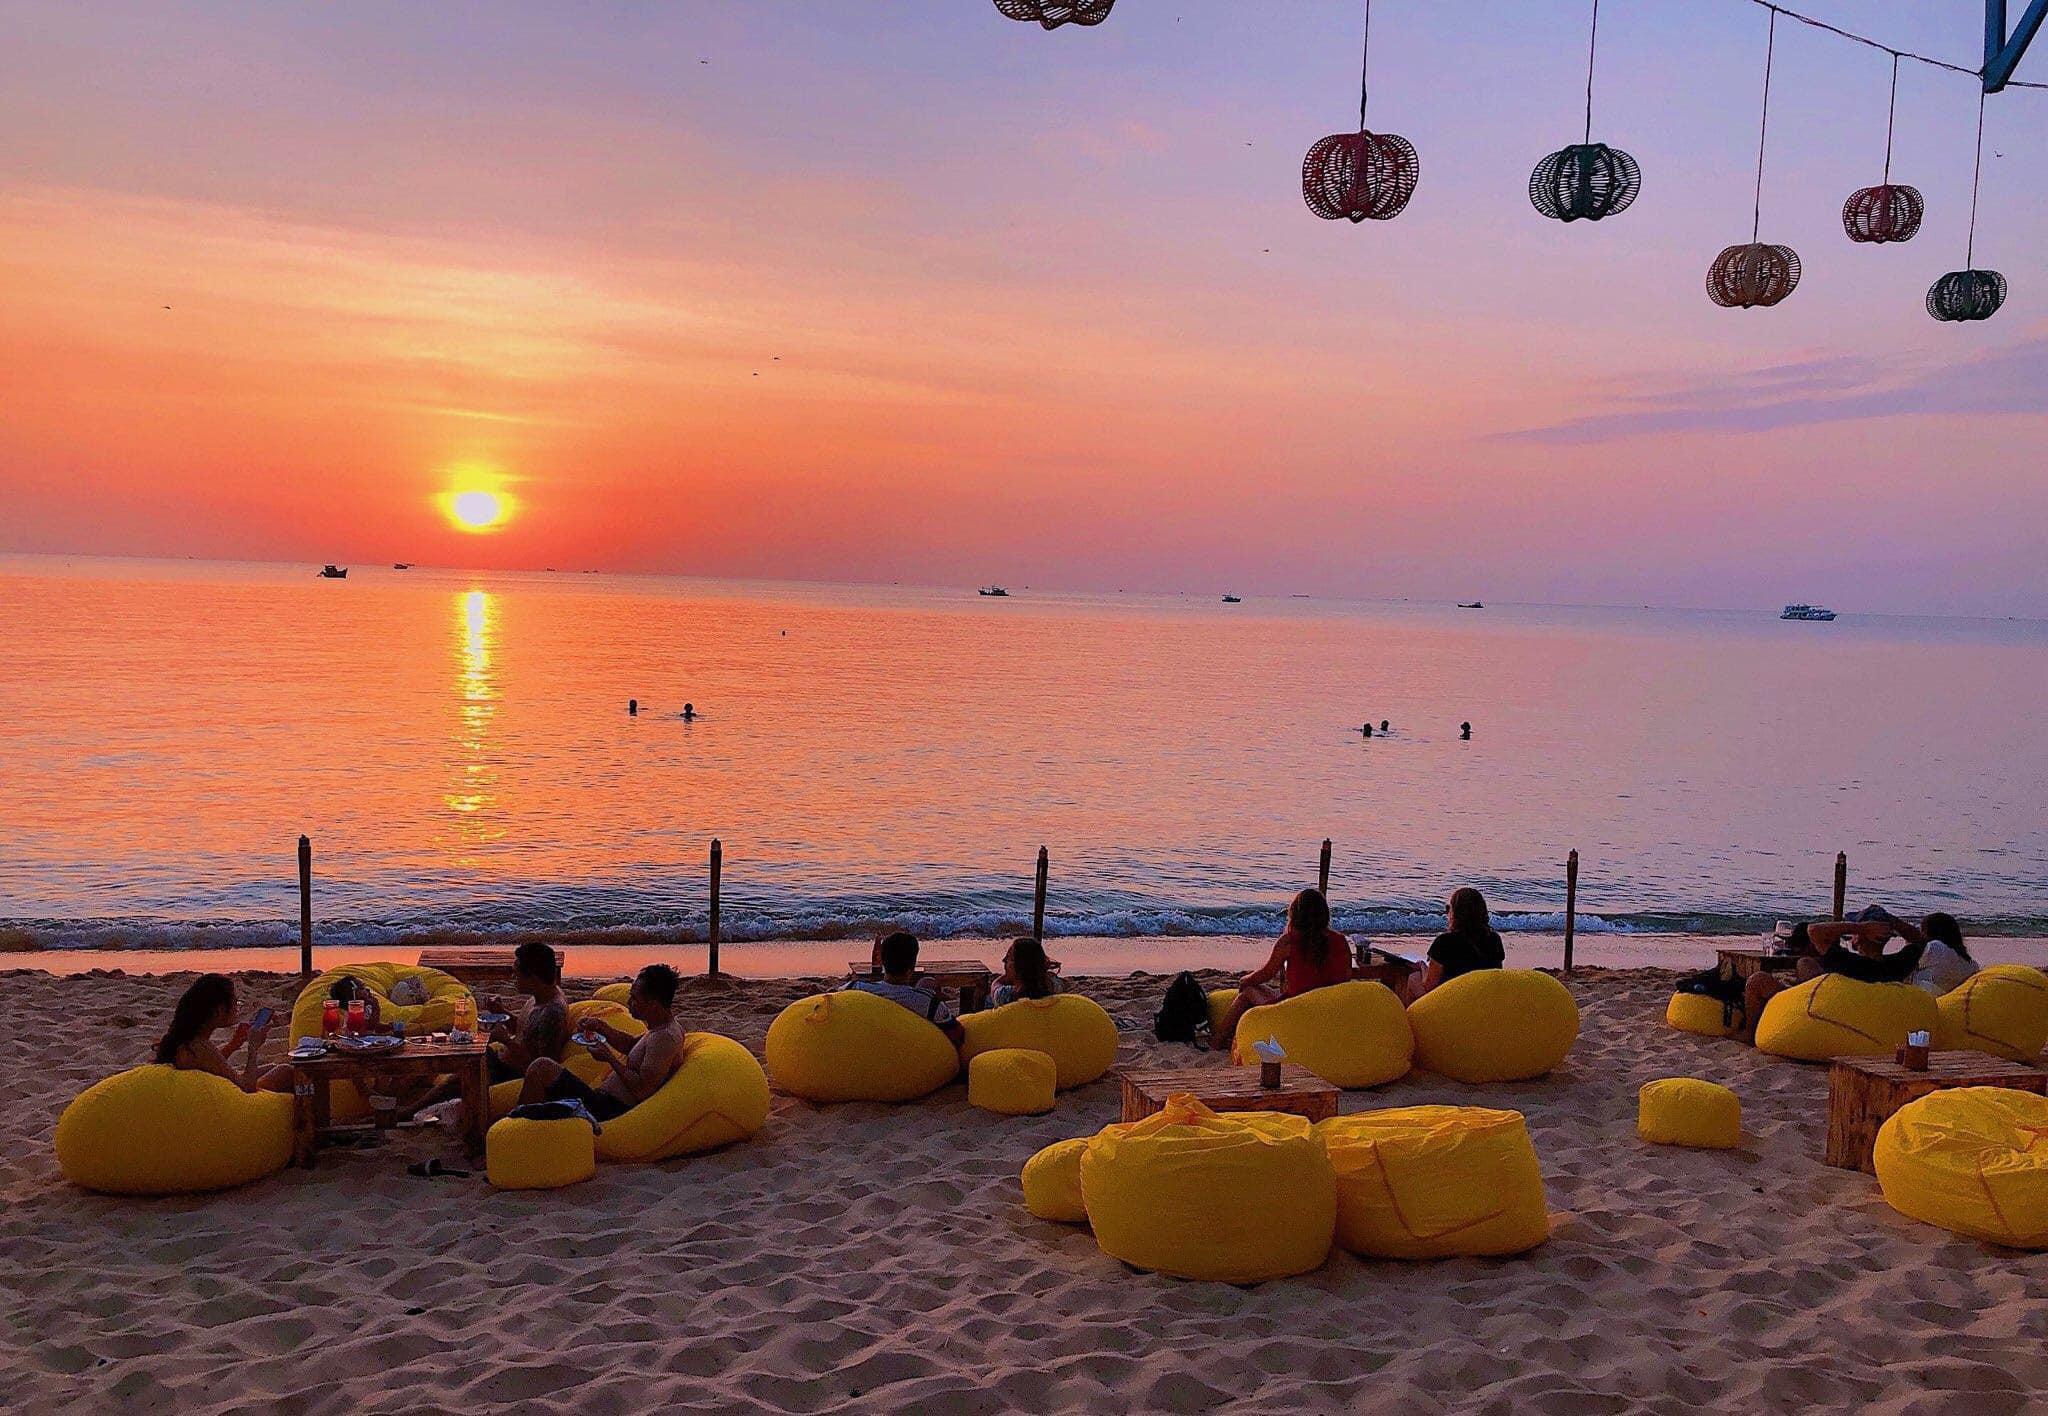 Tour du lịch Phú Quốc khởi hành từ Rạch Giá: Vô vàn ưu đãi trong dịp hè này  - Ảnh 8.